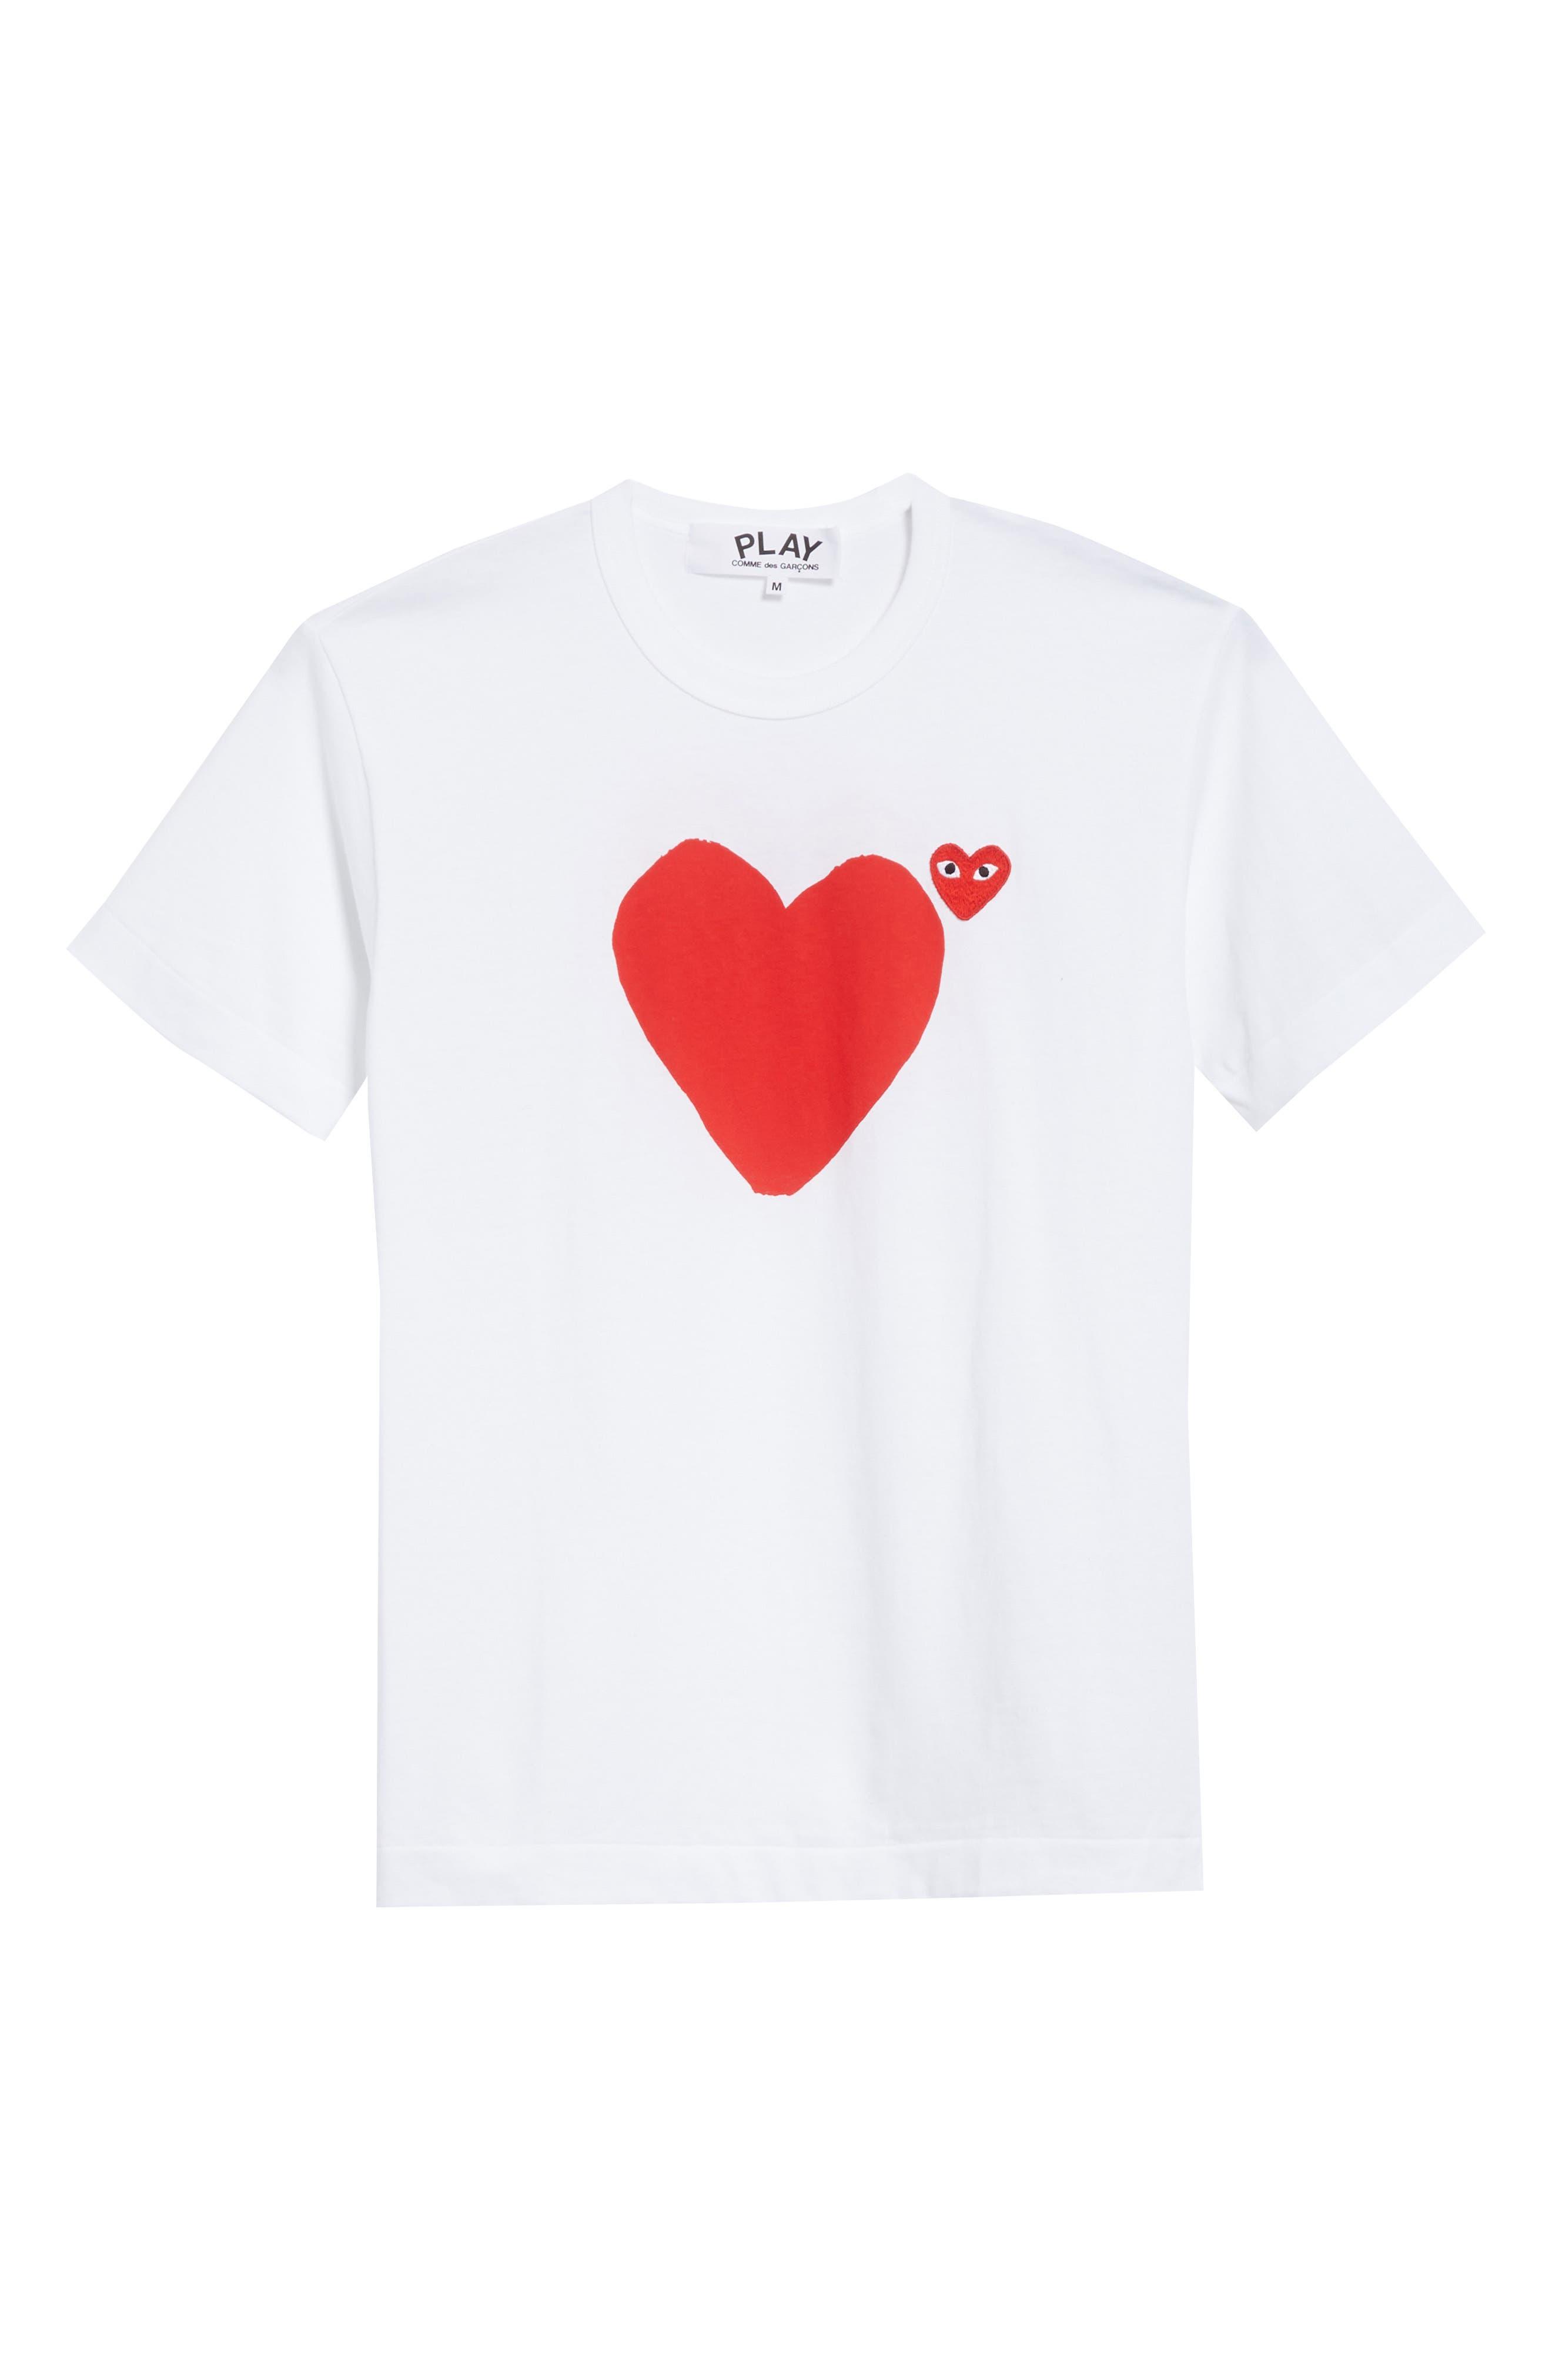 Comme des Garçons PLAY Graphic T-Shirt,                             Alternate thumbnail 6, color,                             1 White